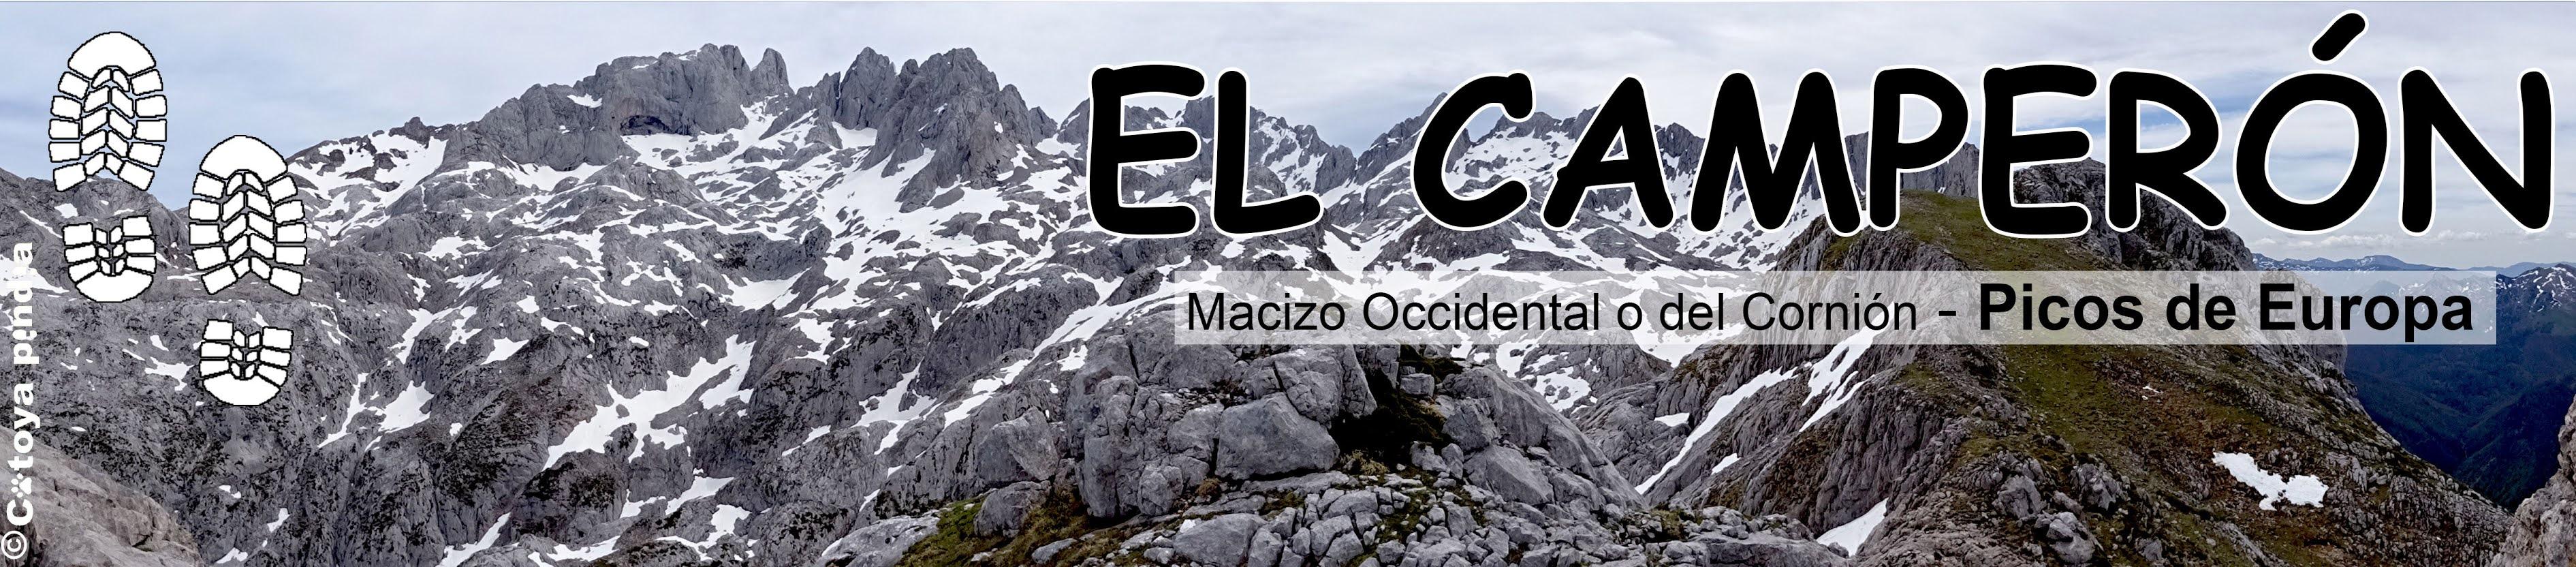 Ruta al Pico Camperón en Picos de Europa